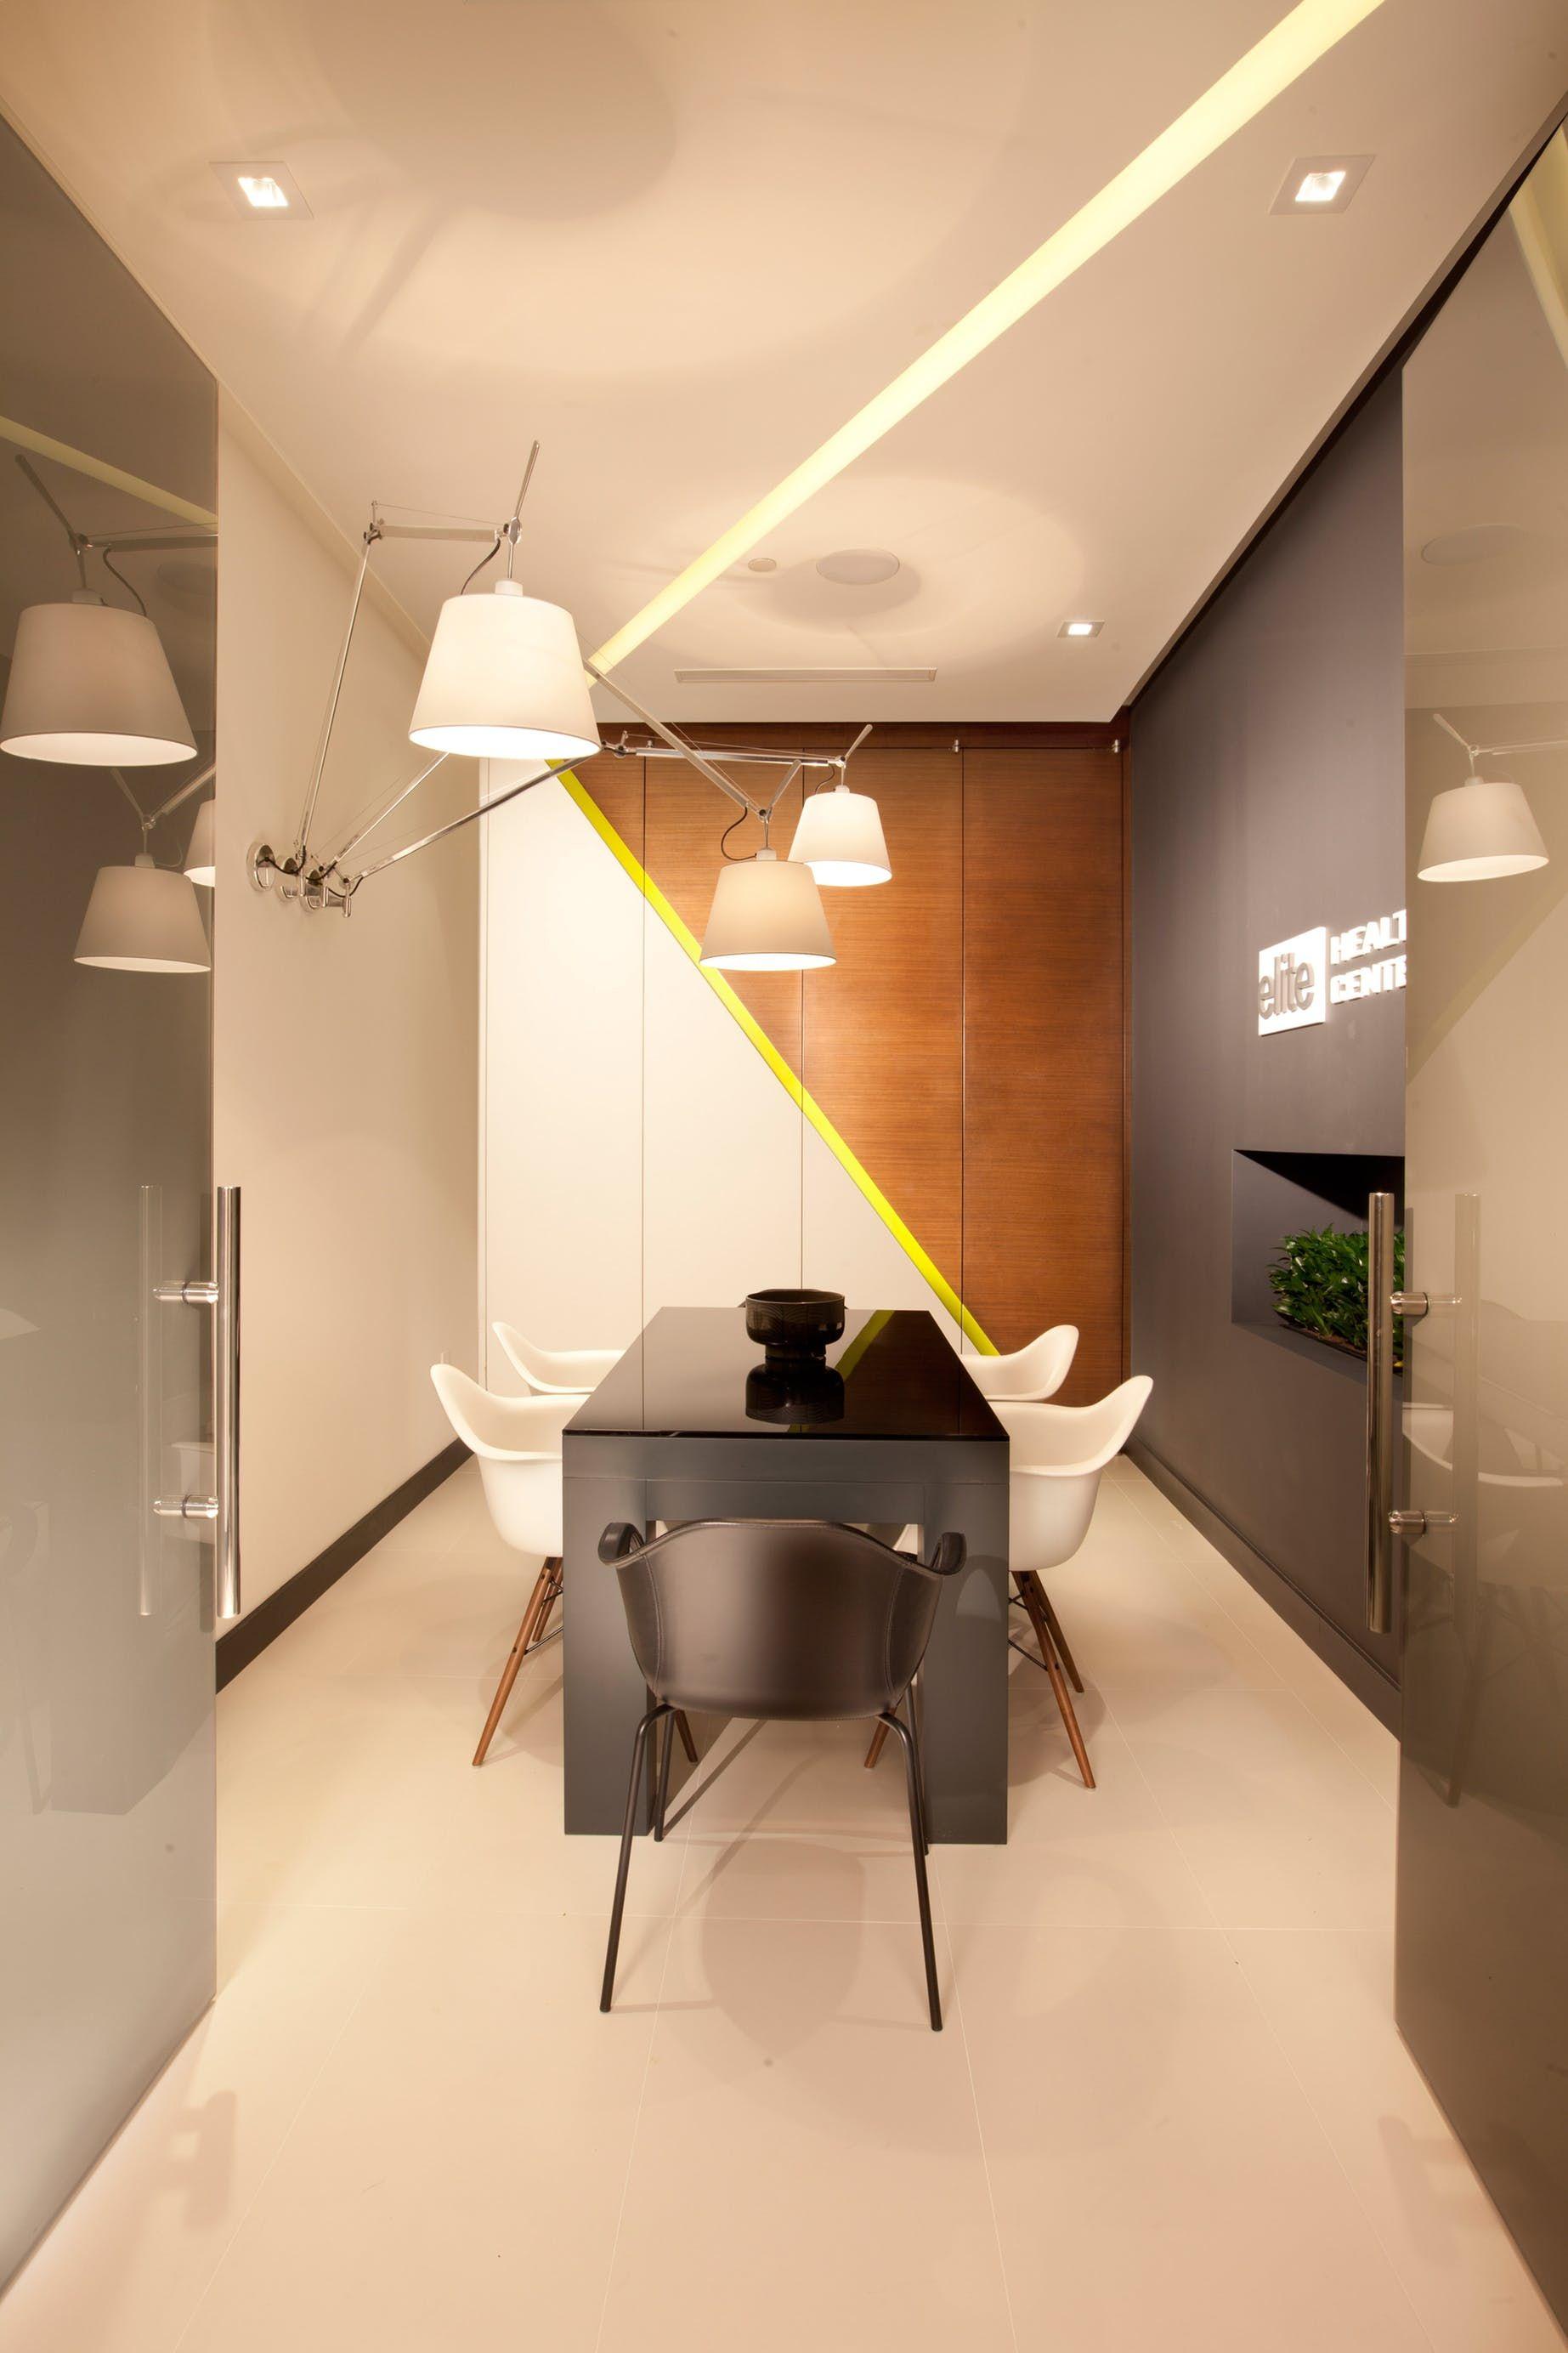 Miami Modern Scandinavian Medical Office | Pinterest